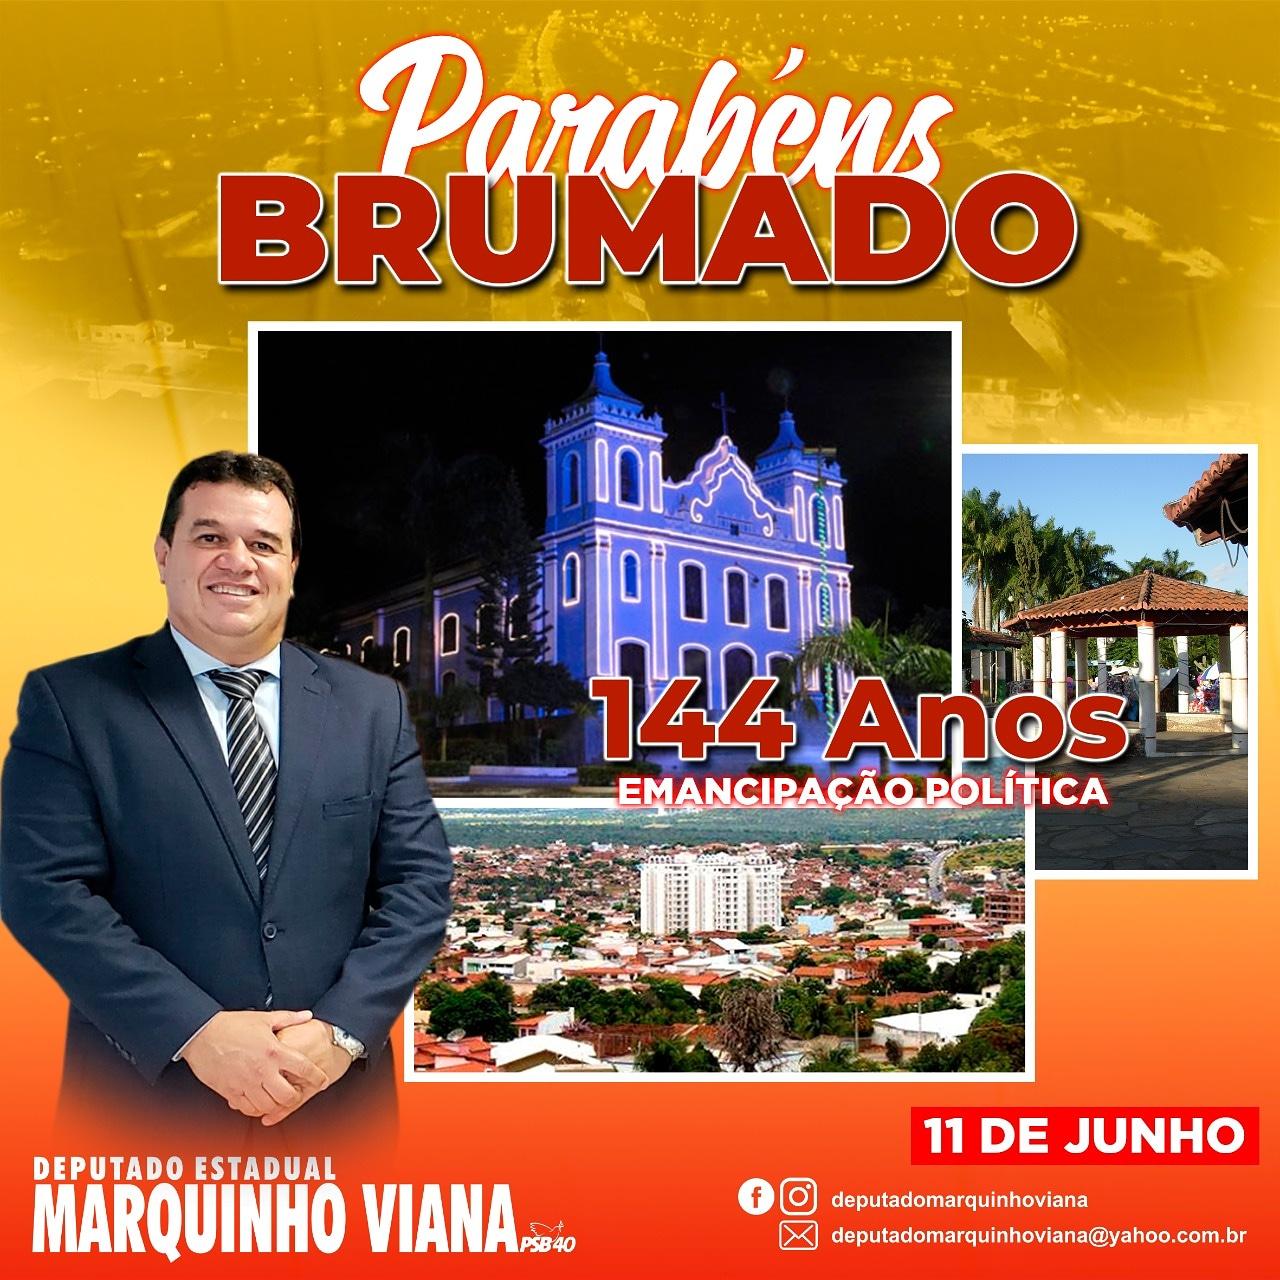 Deputado Marquinho Viana parabeniza Brumado pelos 144 anos